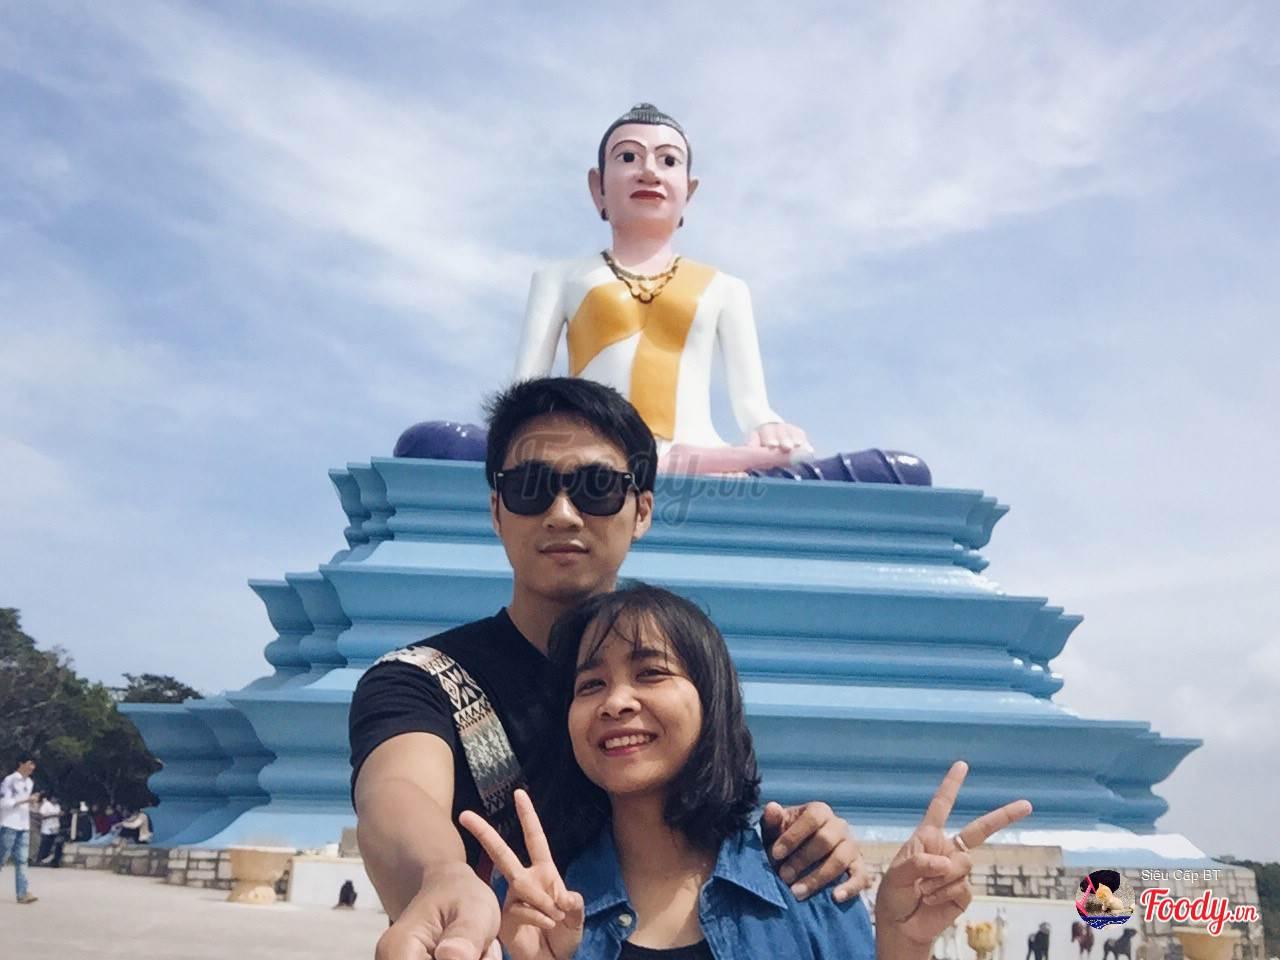 Tượng Bà Mao (Bà Đen) - bức tượng khổng lồ nằm trên lưng chừng núi. Vị nữ thần này được tôn thờ với niềm tin mang lại hạnh phúc trong tín ngưỡng của người dân nơi đây